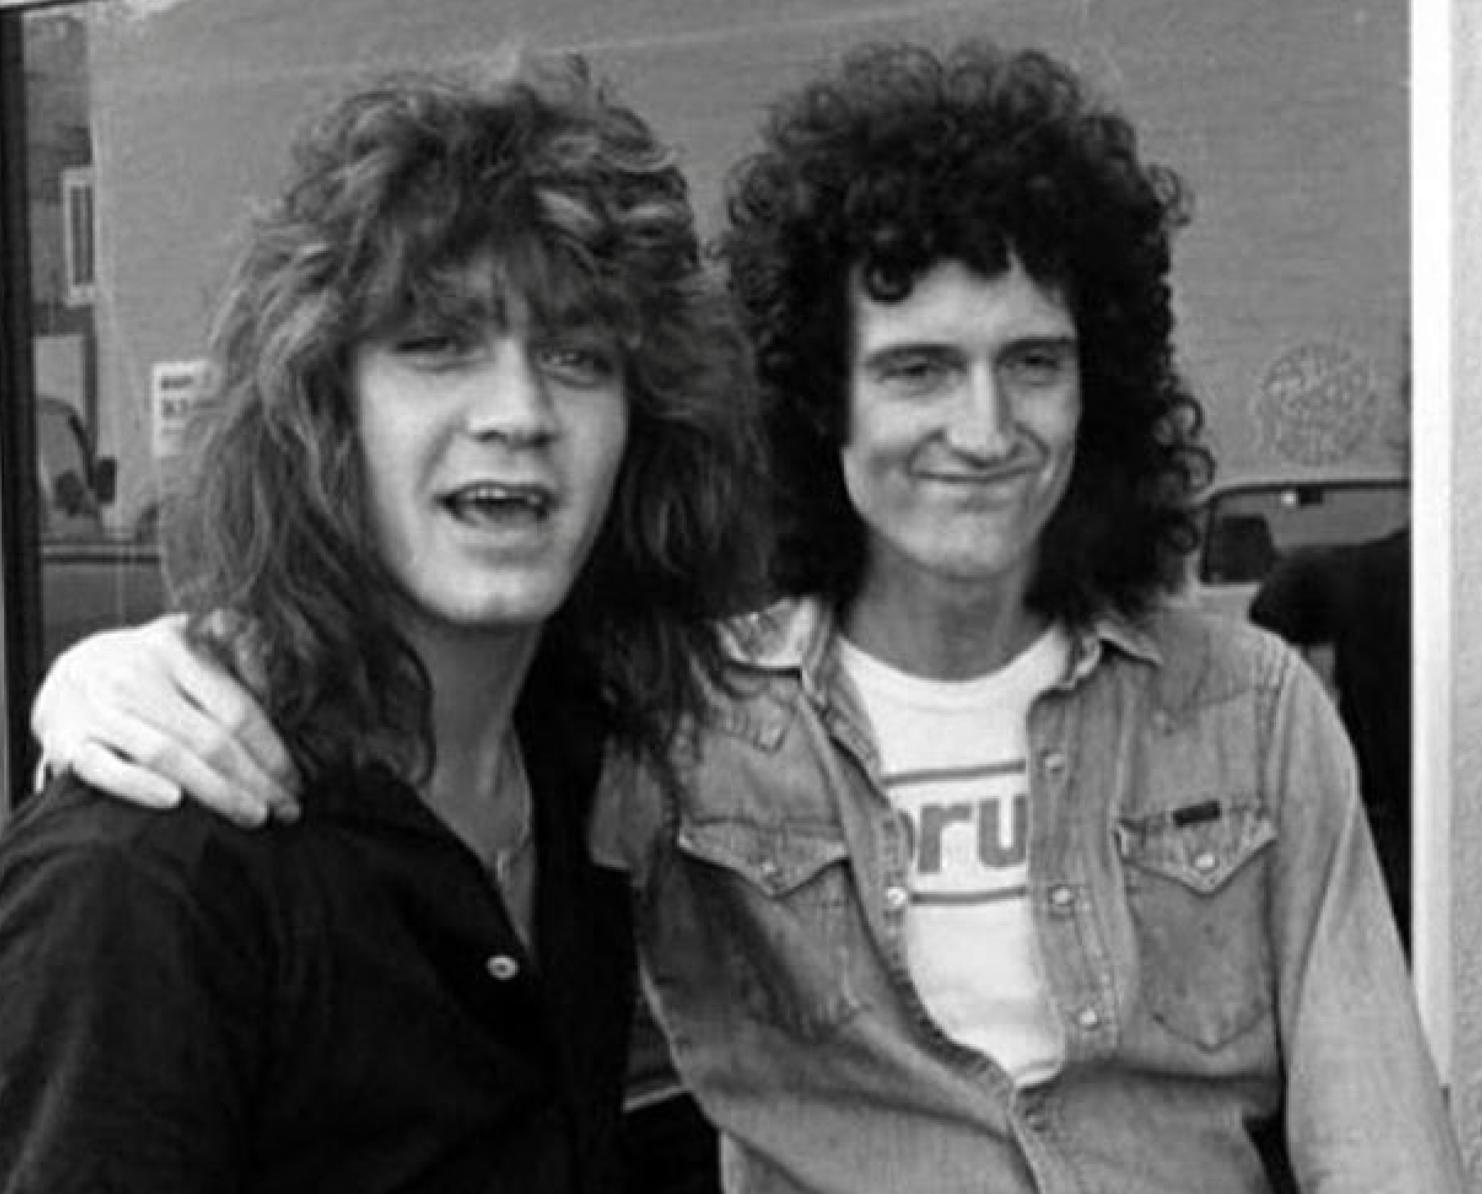 a893e043e83ea5df99ed54cee27c3c42 e1602507319739 20 Things You Might Not Have Known About The Late, Great Eddie Van Halen